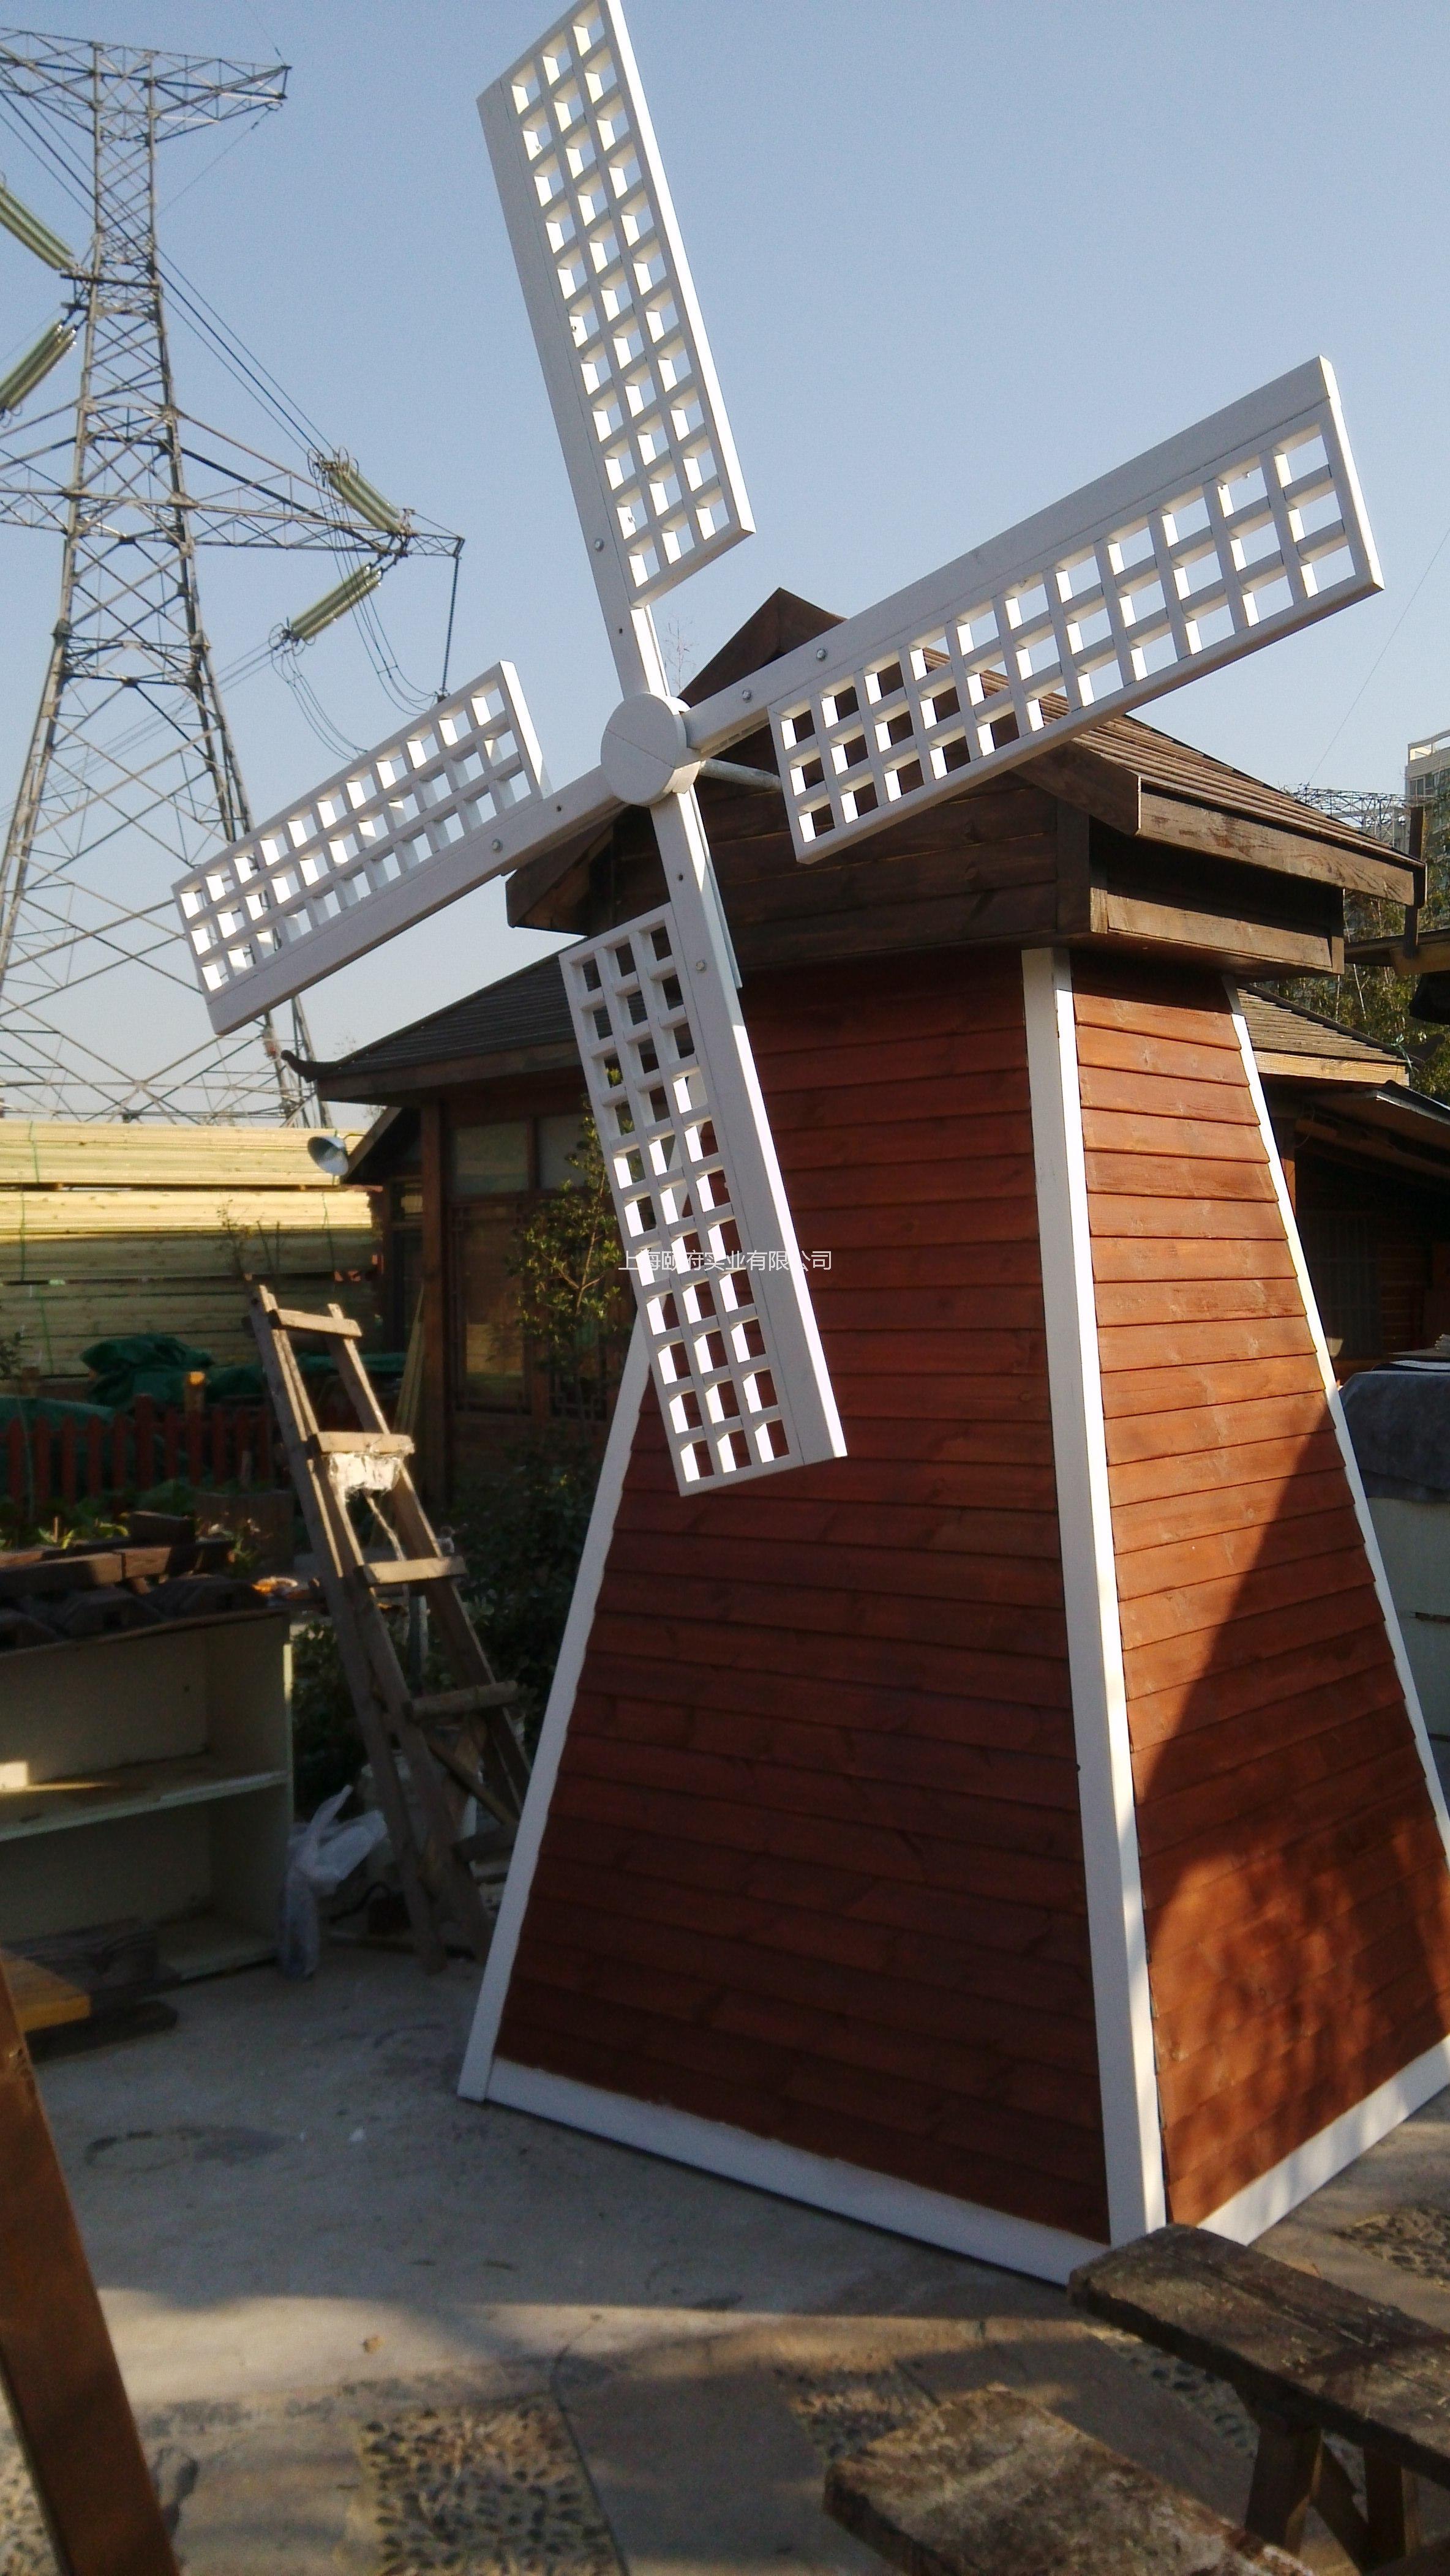 供应广州景观荷兰风车制作商,广州专业生产安装景观荷兰风车厂家,广州